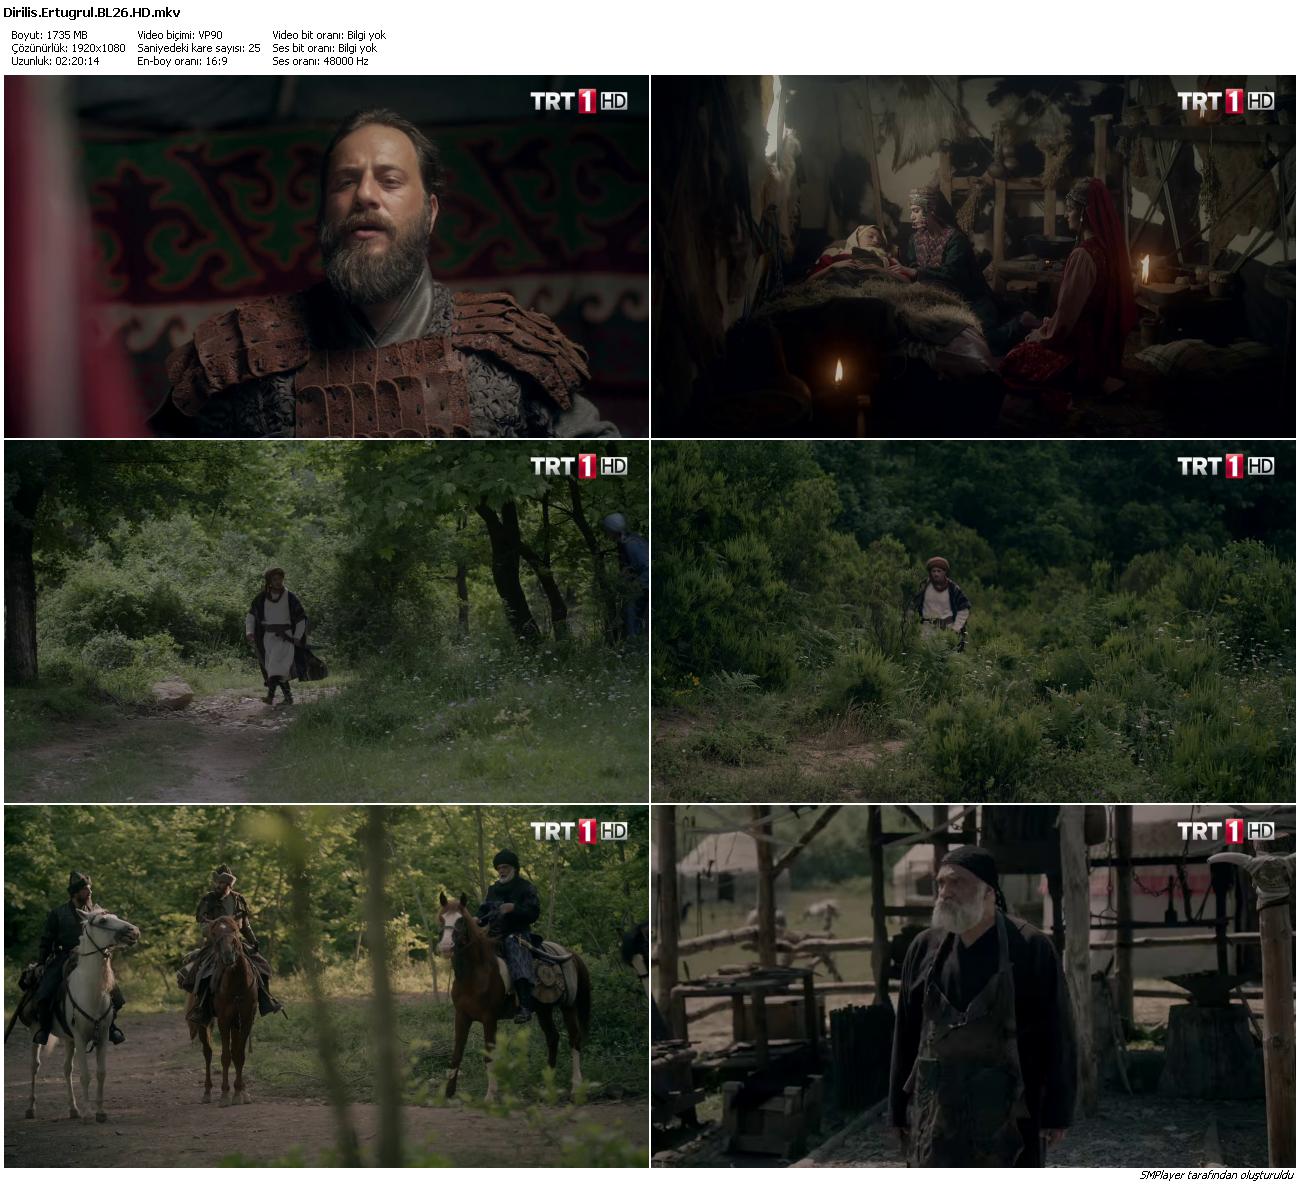 Diriliş Ertuğrul 119.Bölüm (HD - x264 - 1080p) Tüm Bölümler - DPRG